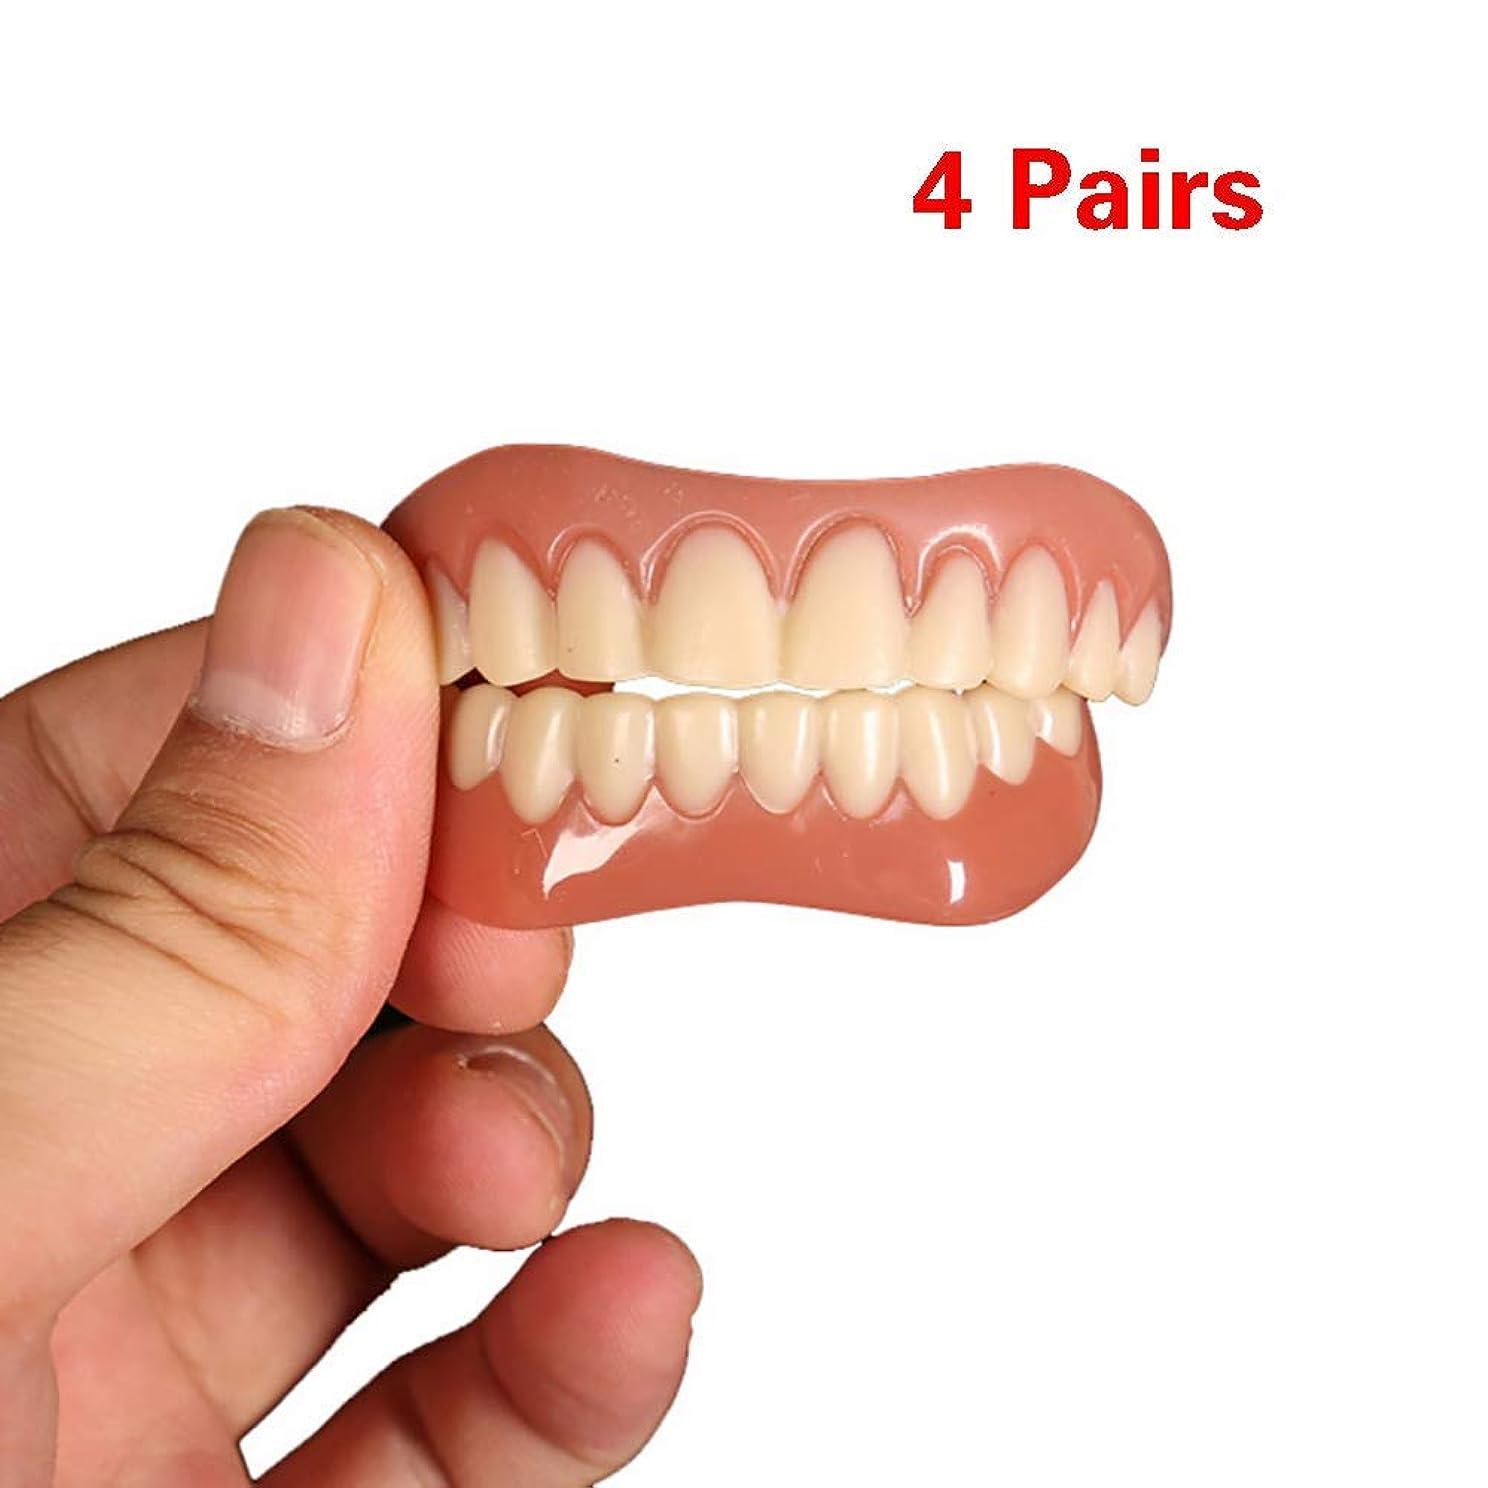 8本の歯の快適さフィットフレックス化粧品の歯義歯の歯のトップ化粧品のベニヤシミュレーションブレース(4下+ 4トップ)